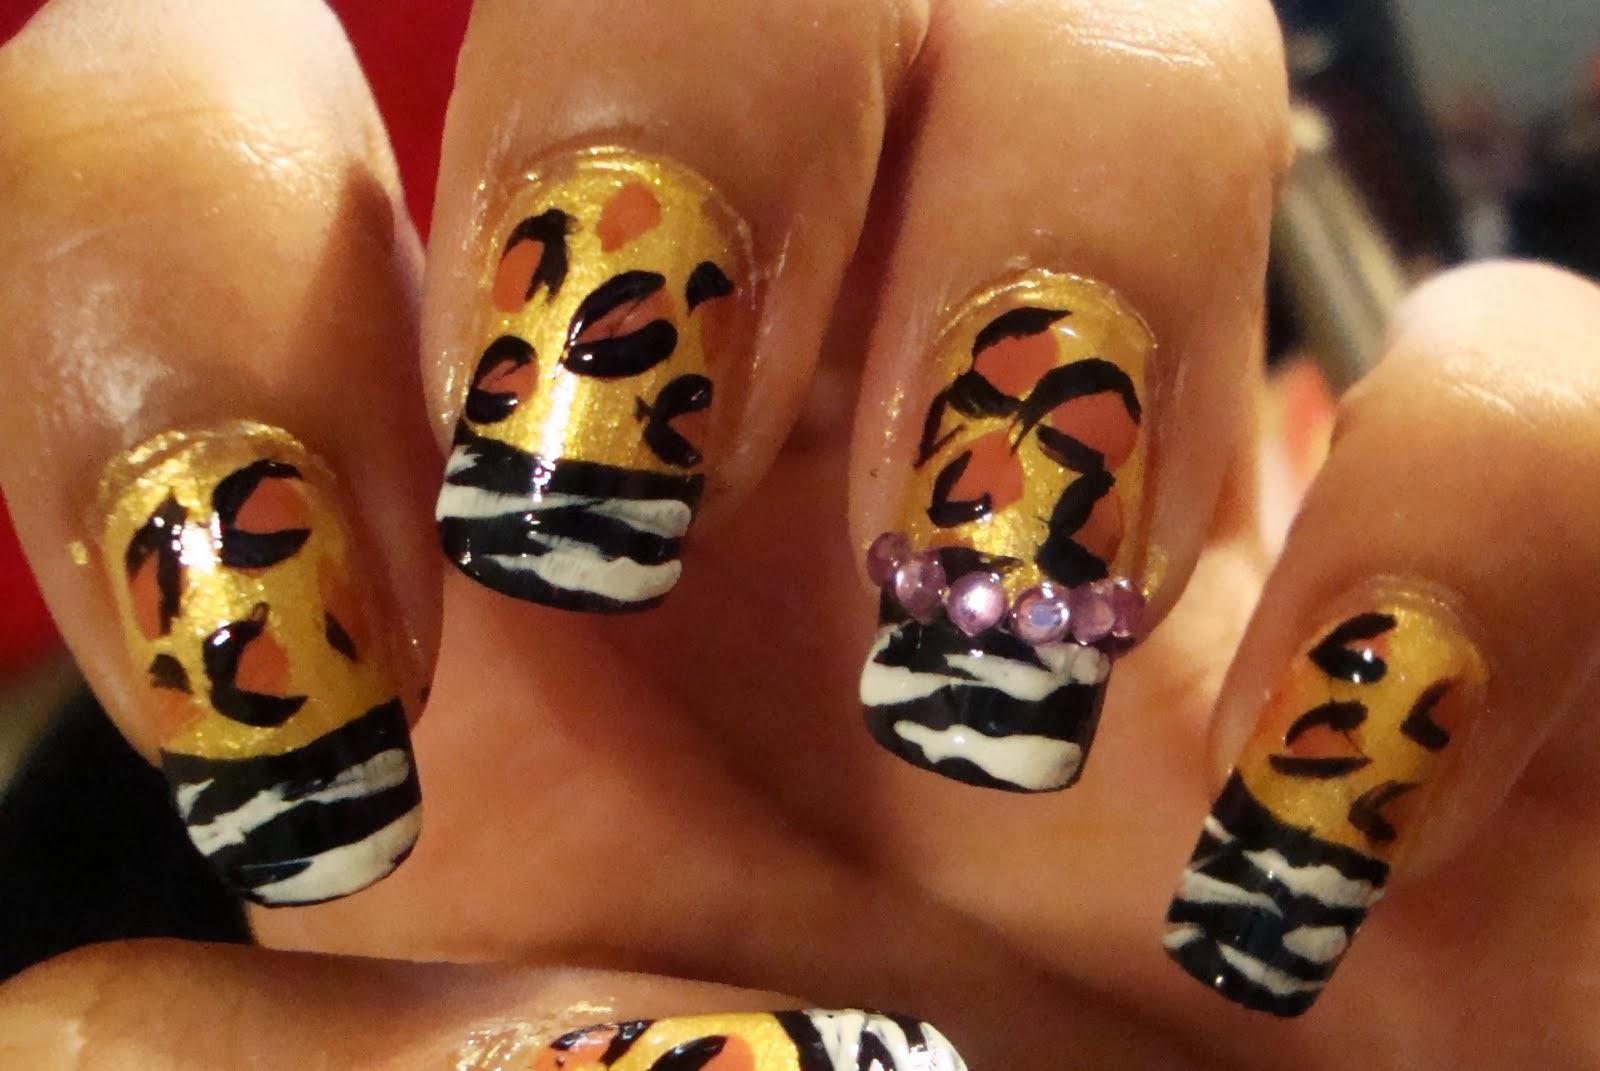 Good cheetah print nail designs best nail art ideas 101 good cheetah print nail designs best solutioingenieria Choice Image